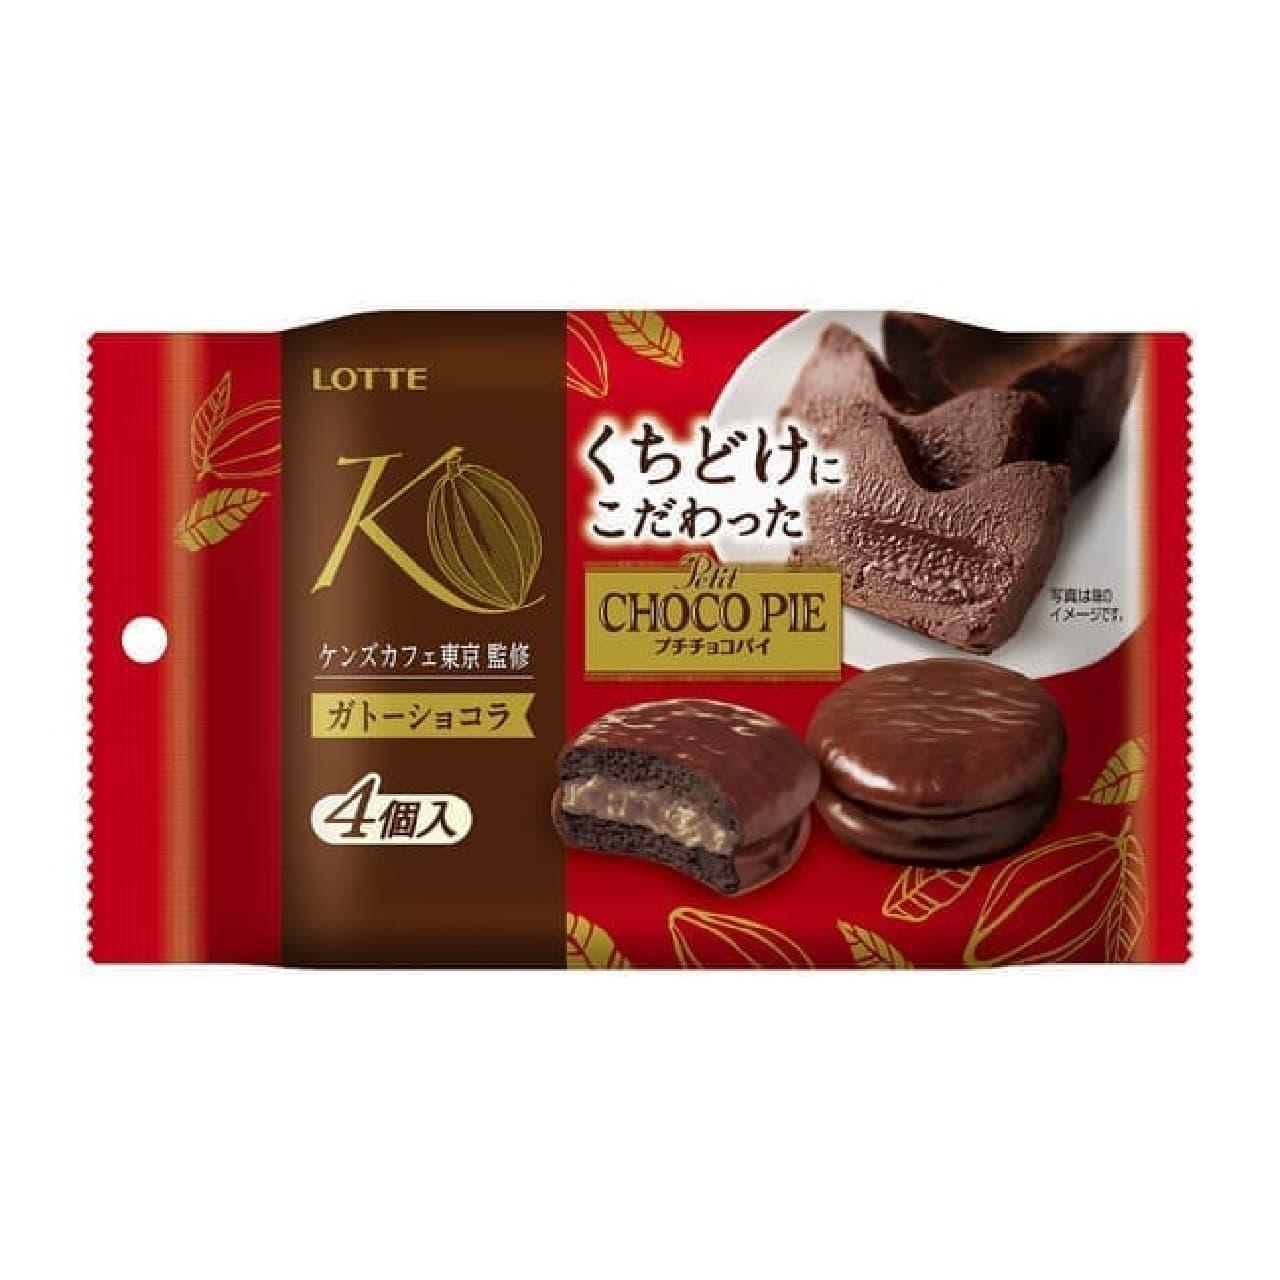 ファミマ限定・ケンズカフェ東京監修「くちどけにこだわったプチチョコパイ」